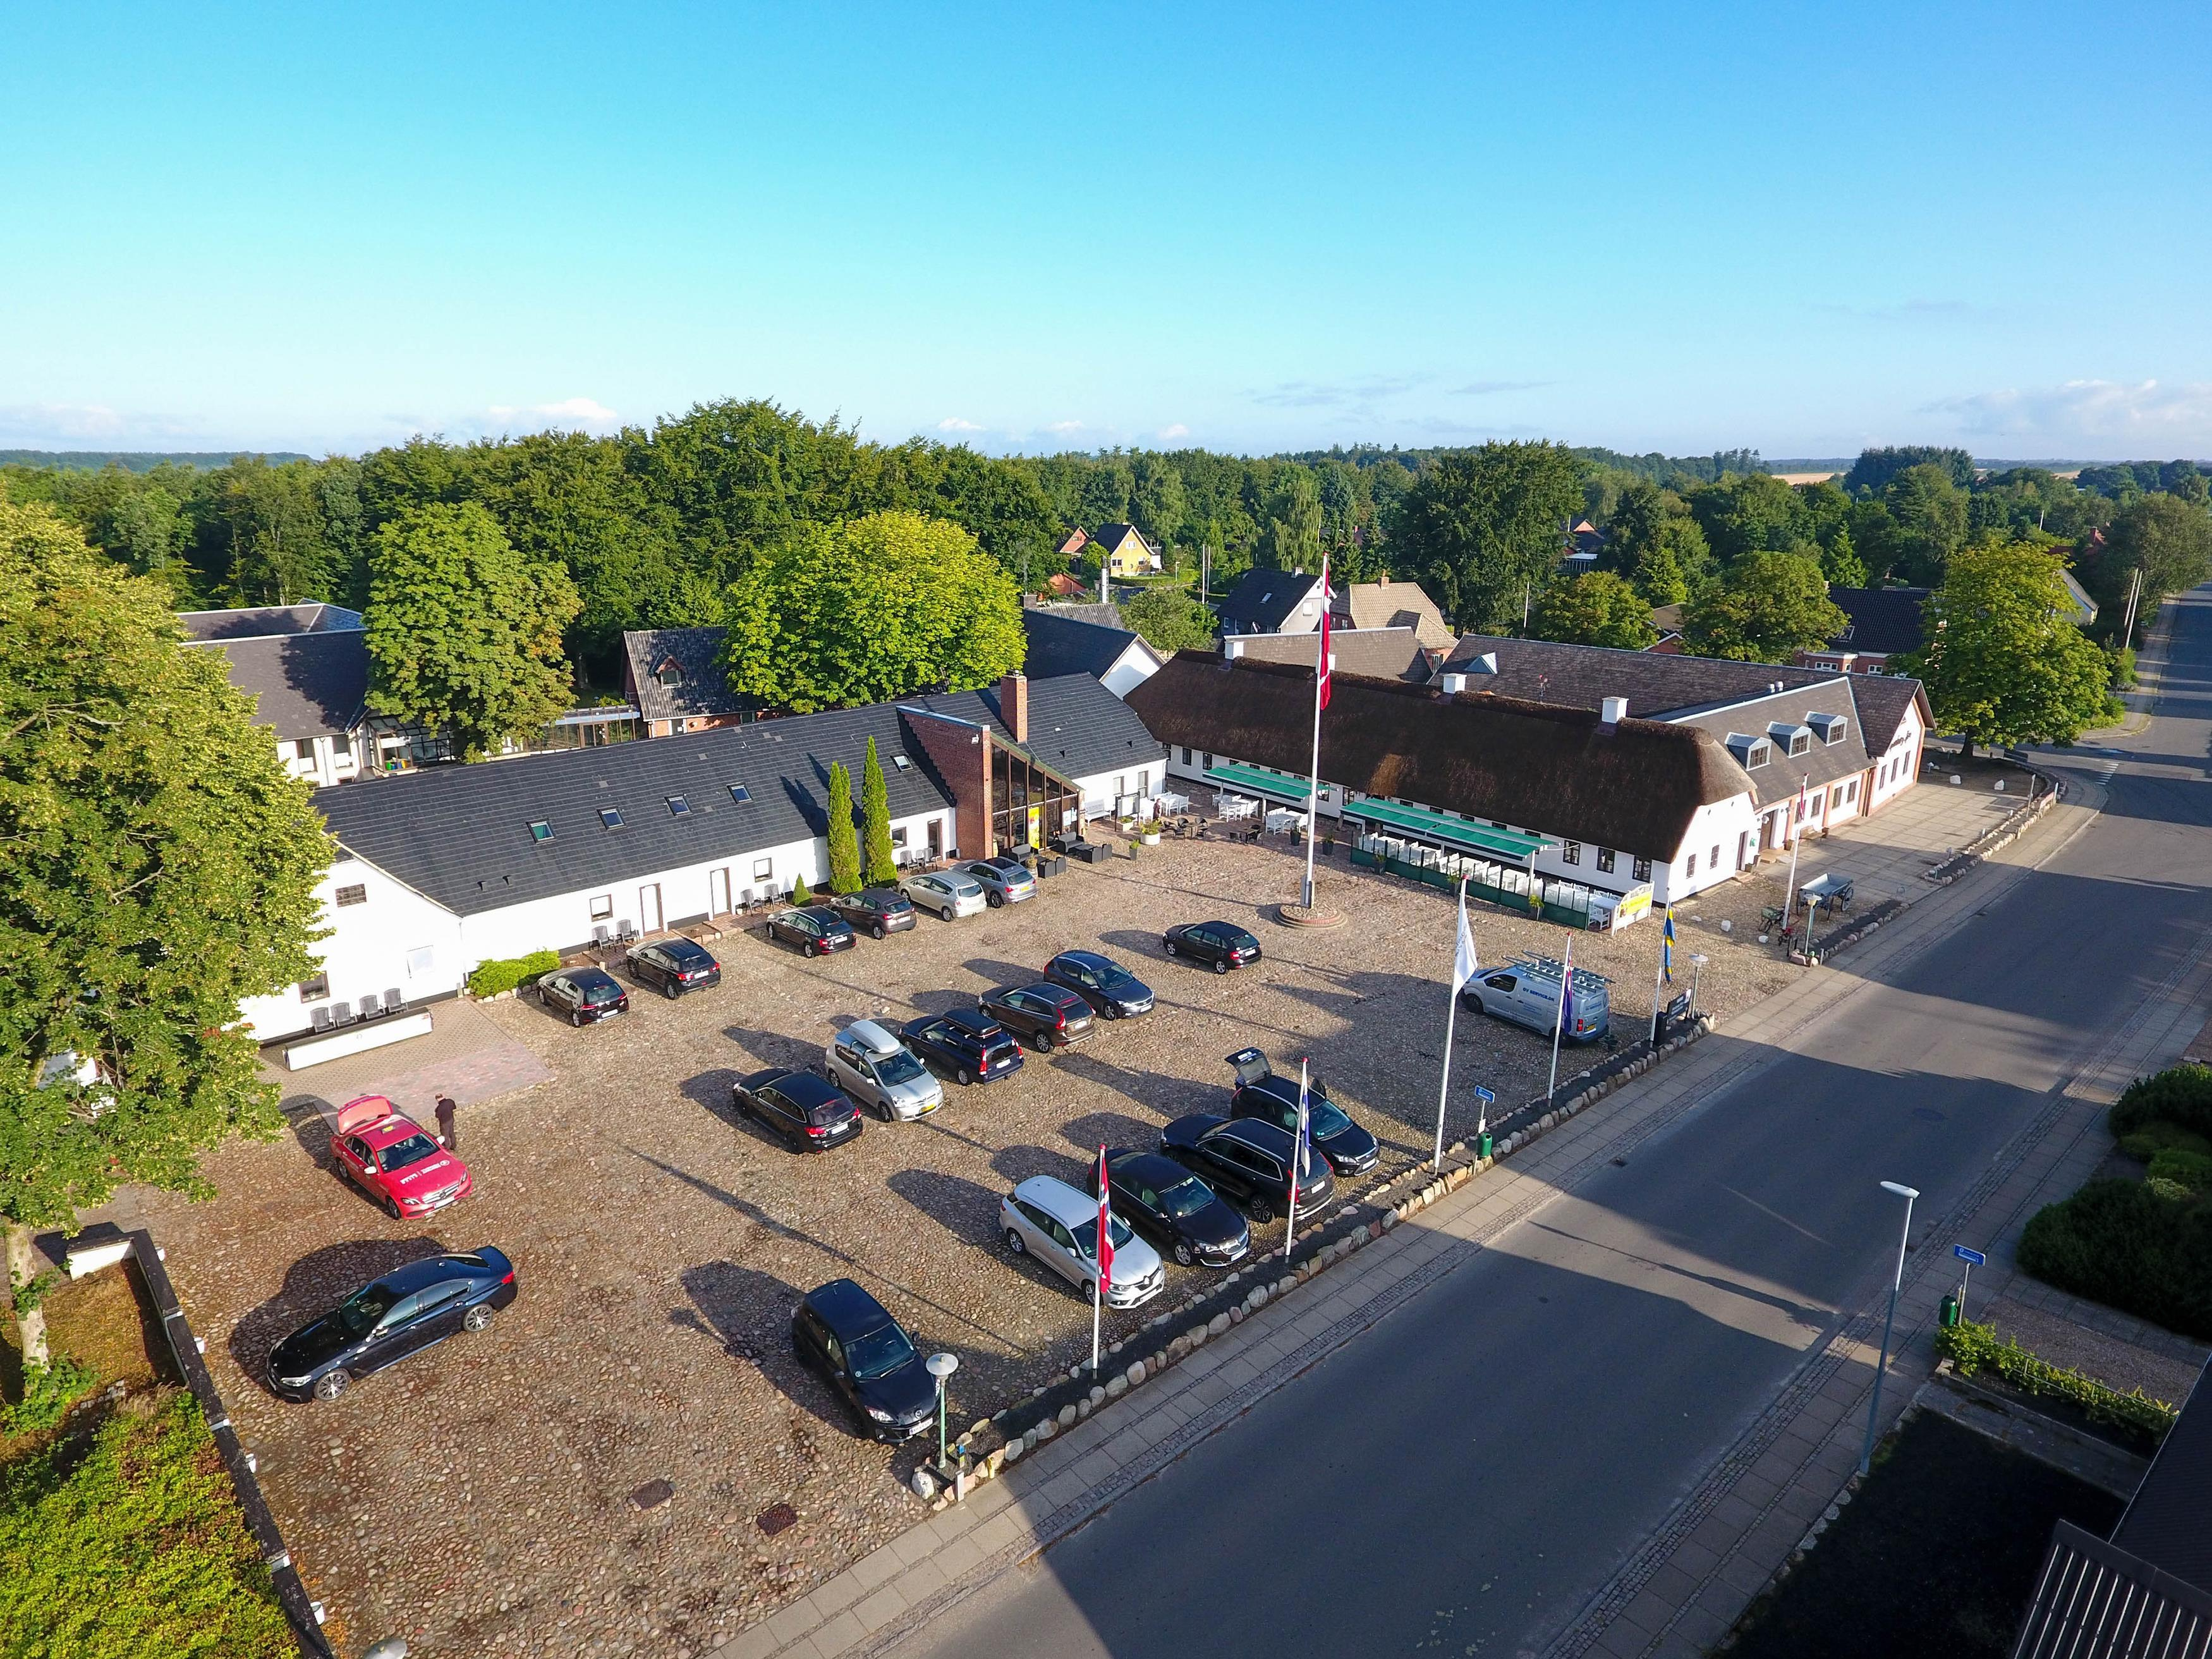 21589f70f Hotel Hovborg Kro - Overnatningssteder - Weekendophold.dk